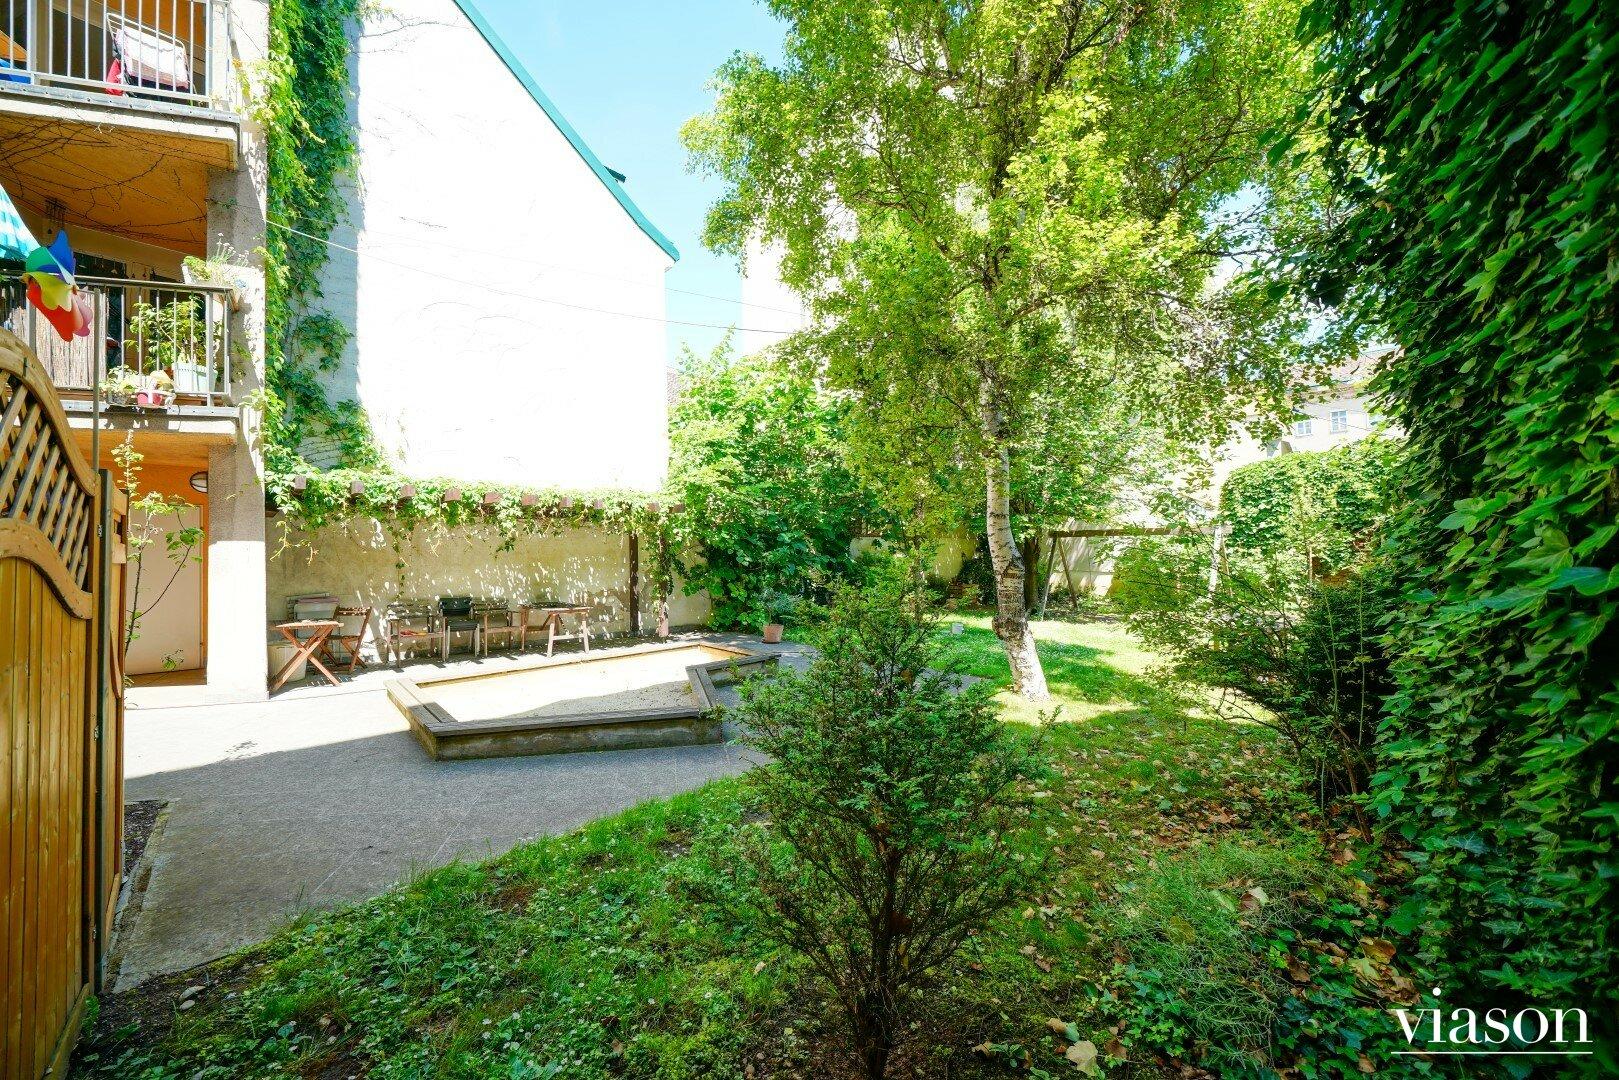 Gemeinschaftsgarten im Innenhof